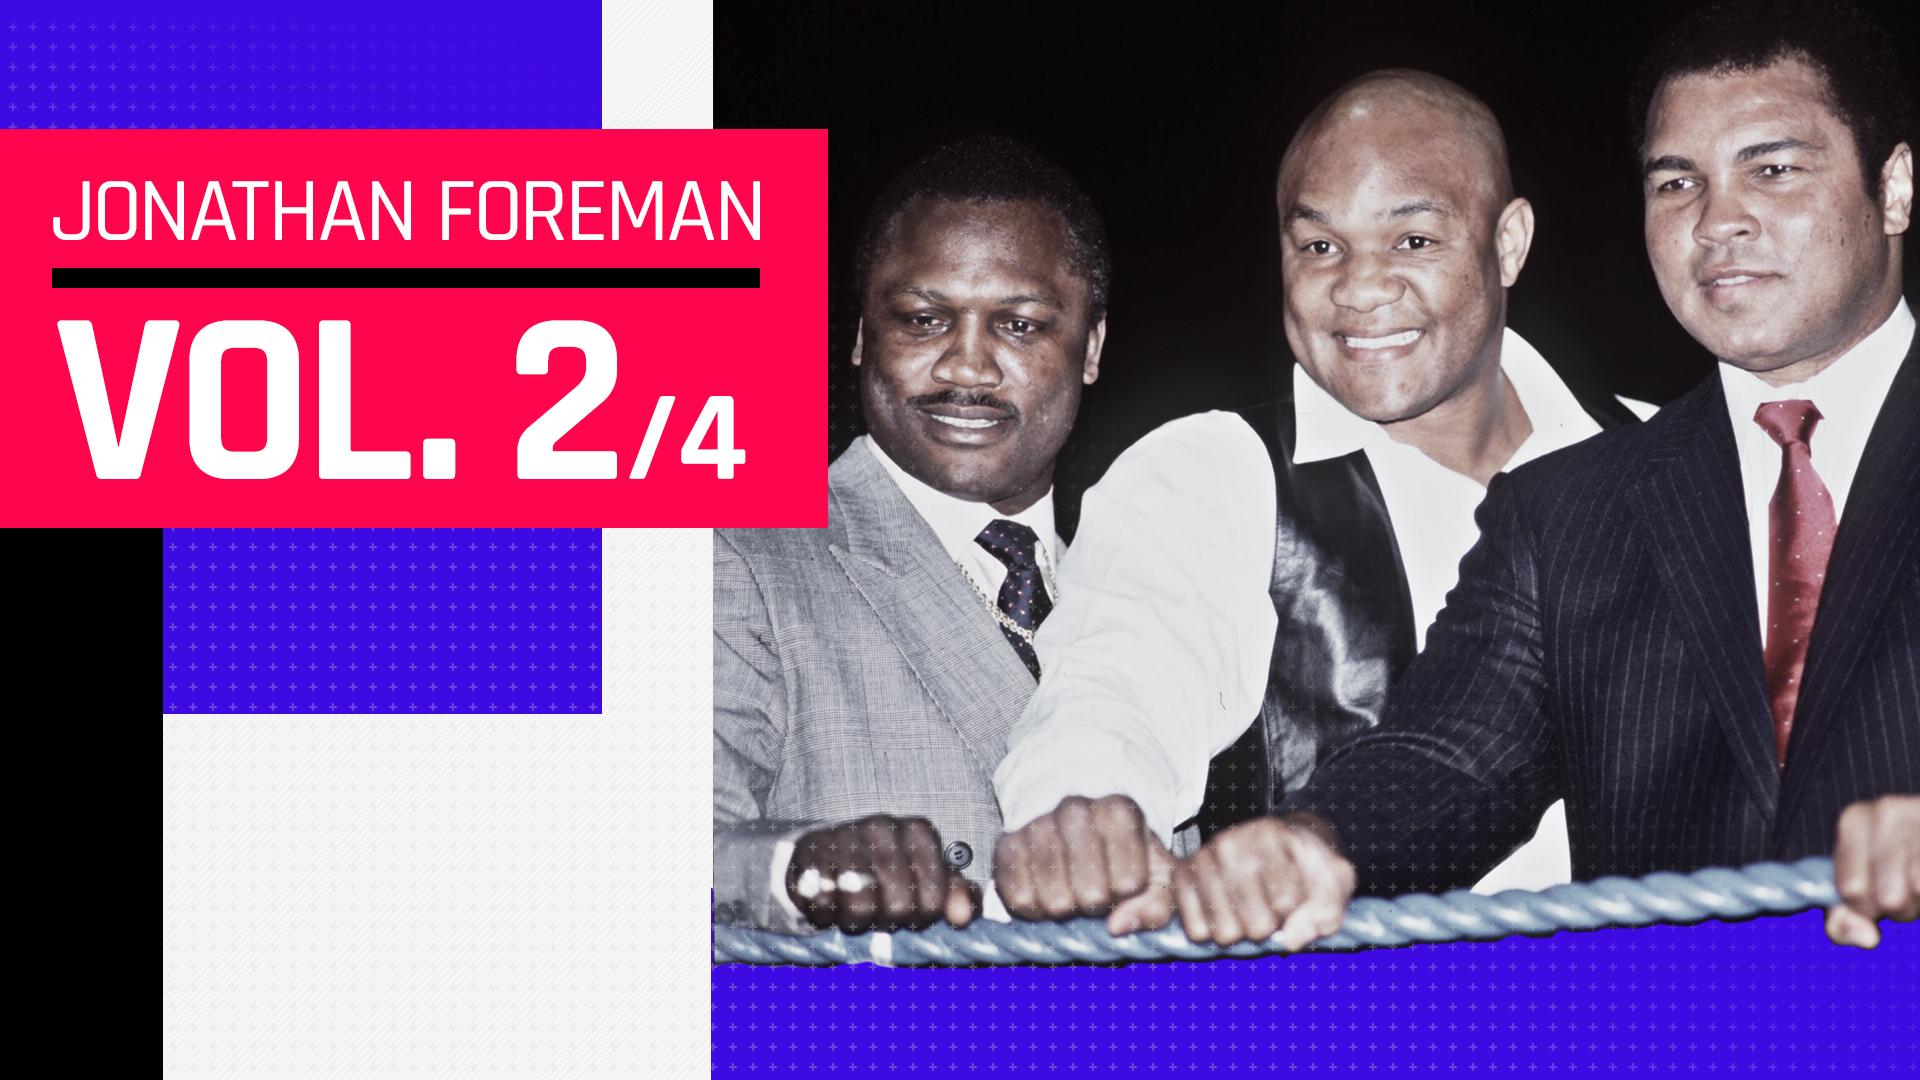 第2回】ジョナサン・フォアマンの叔父ジョージと2人の伝説のライバル ...